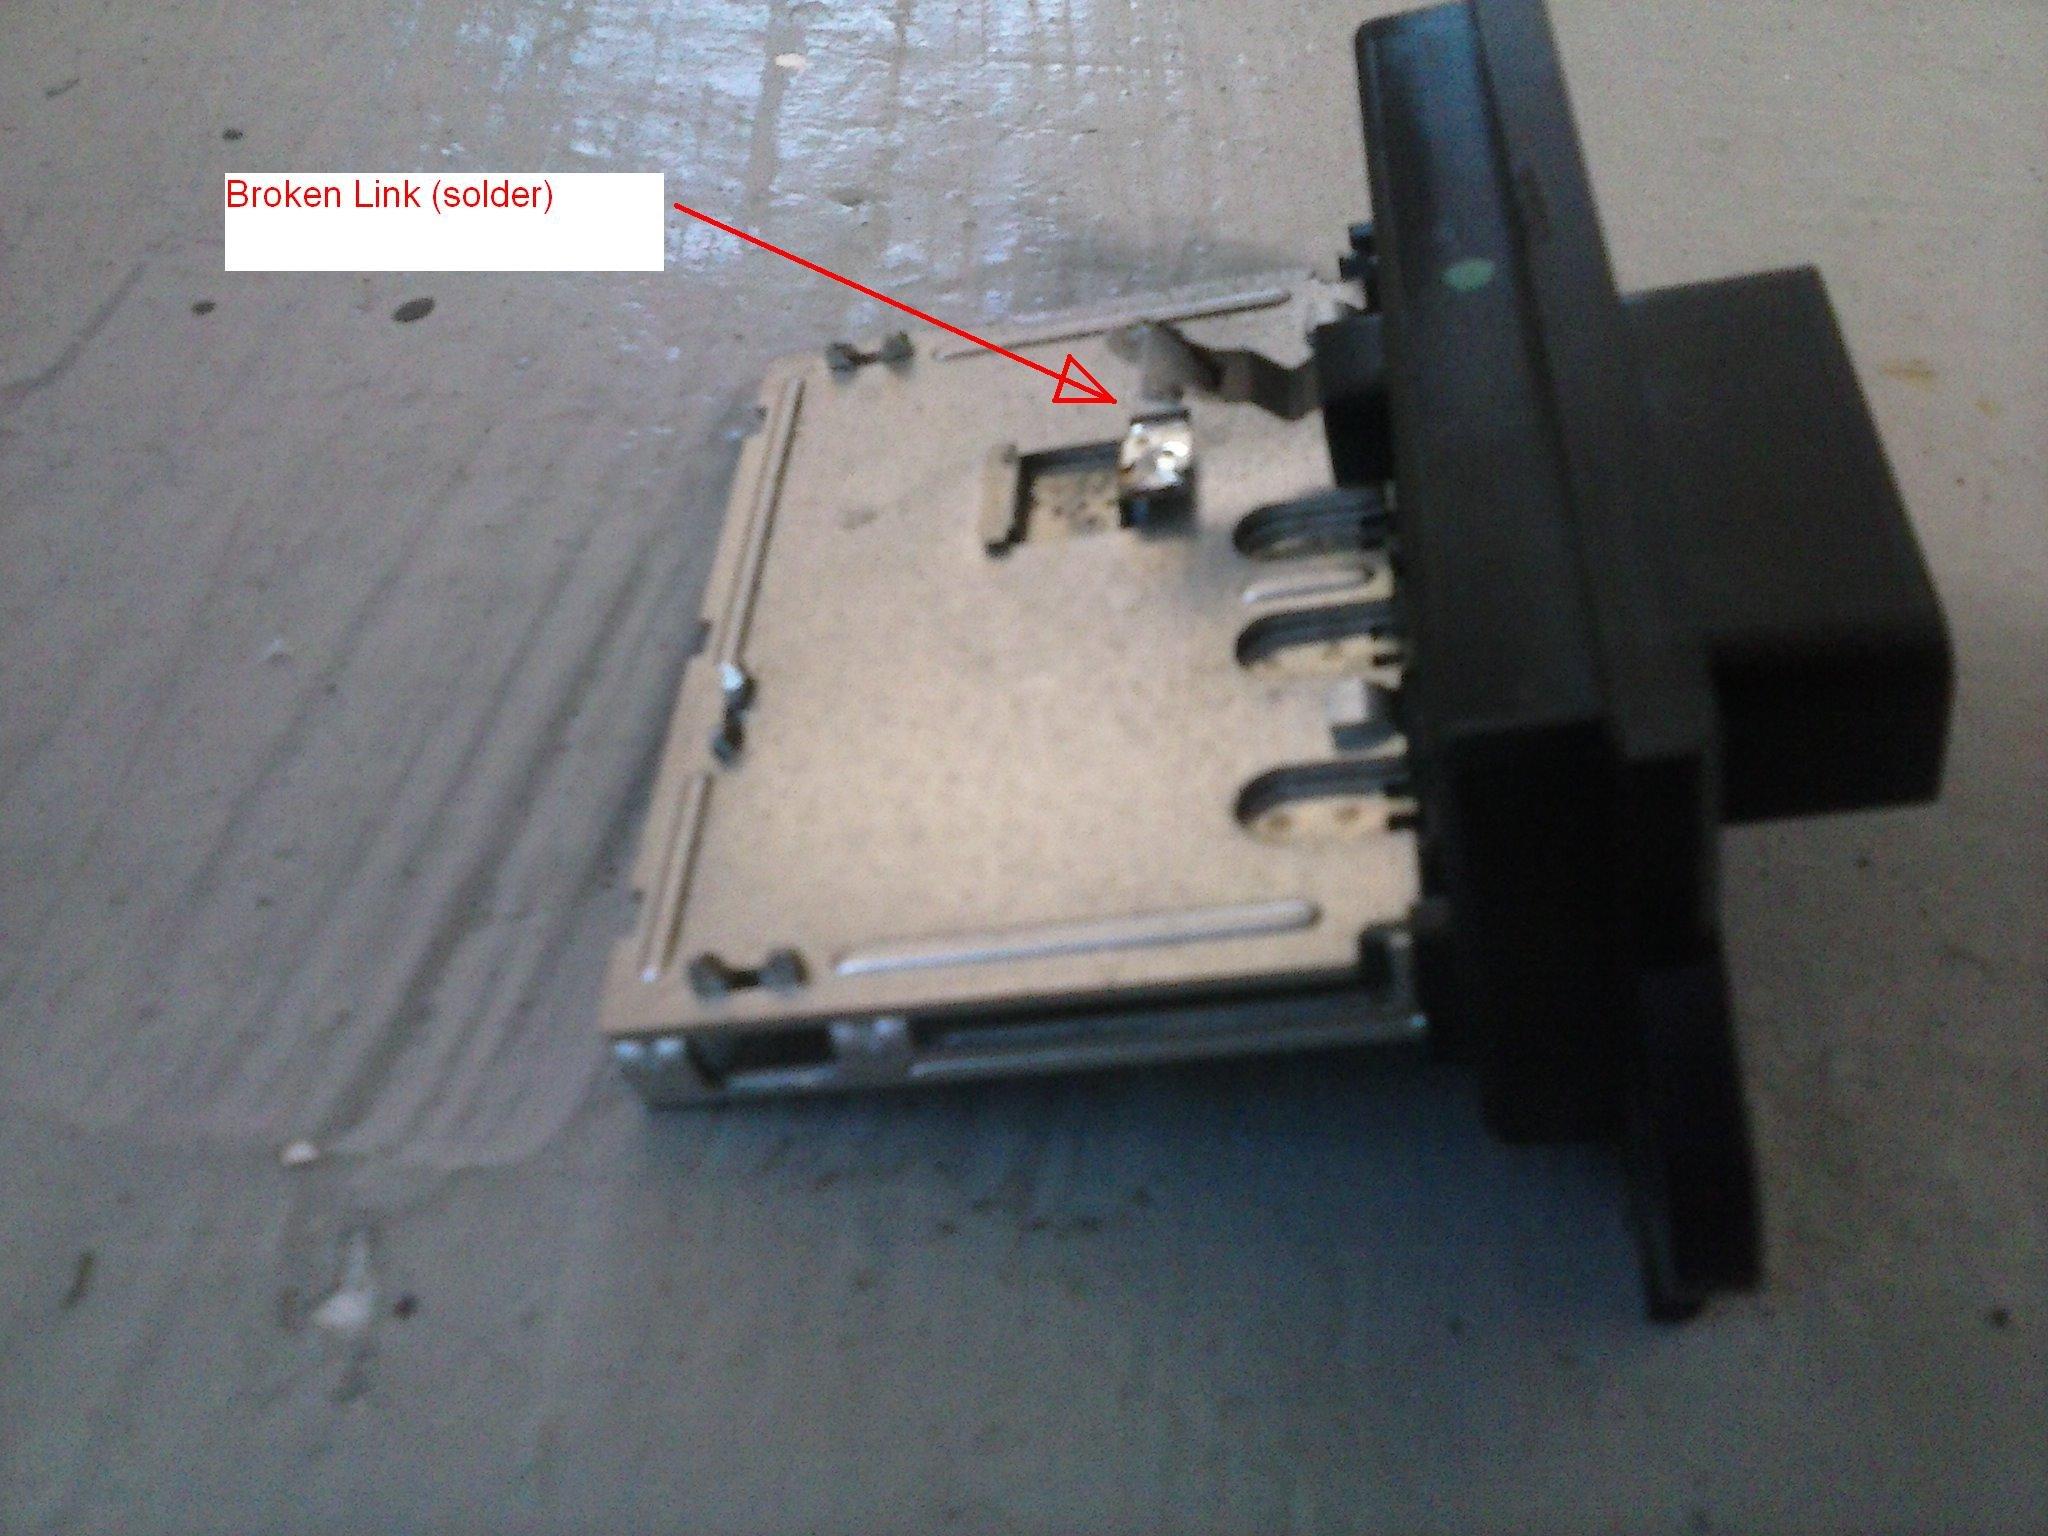 Broken solder joint